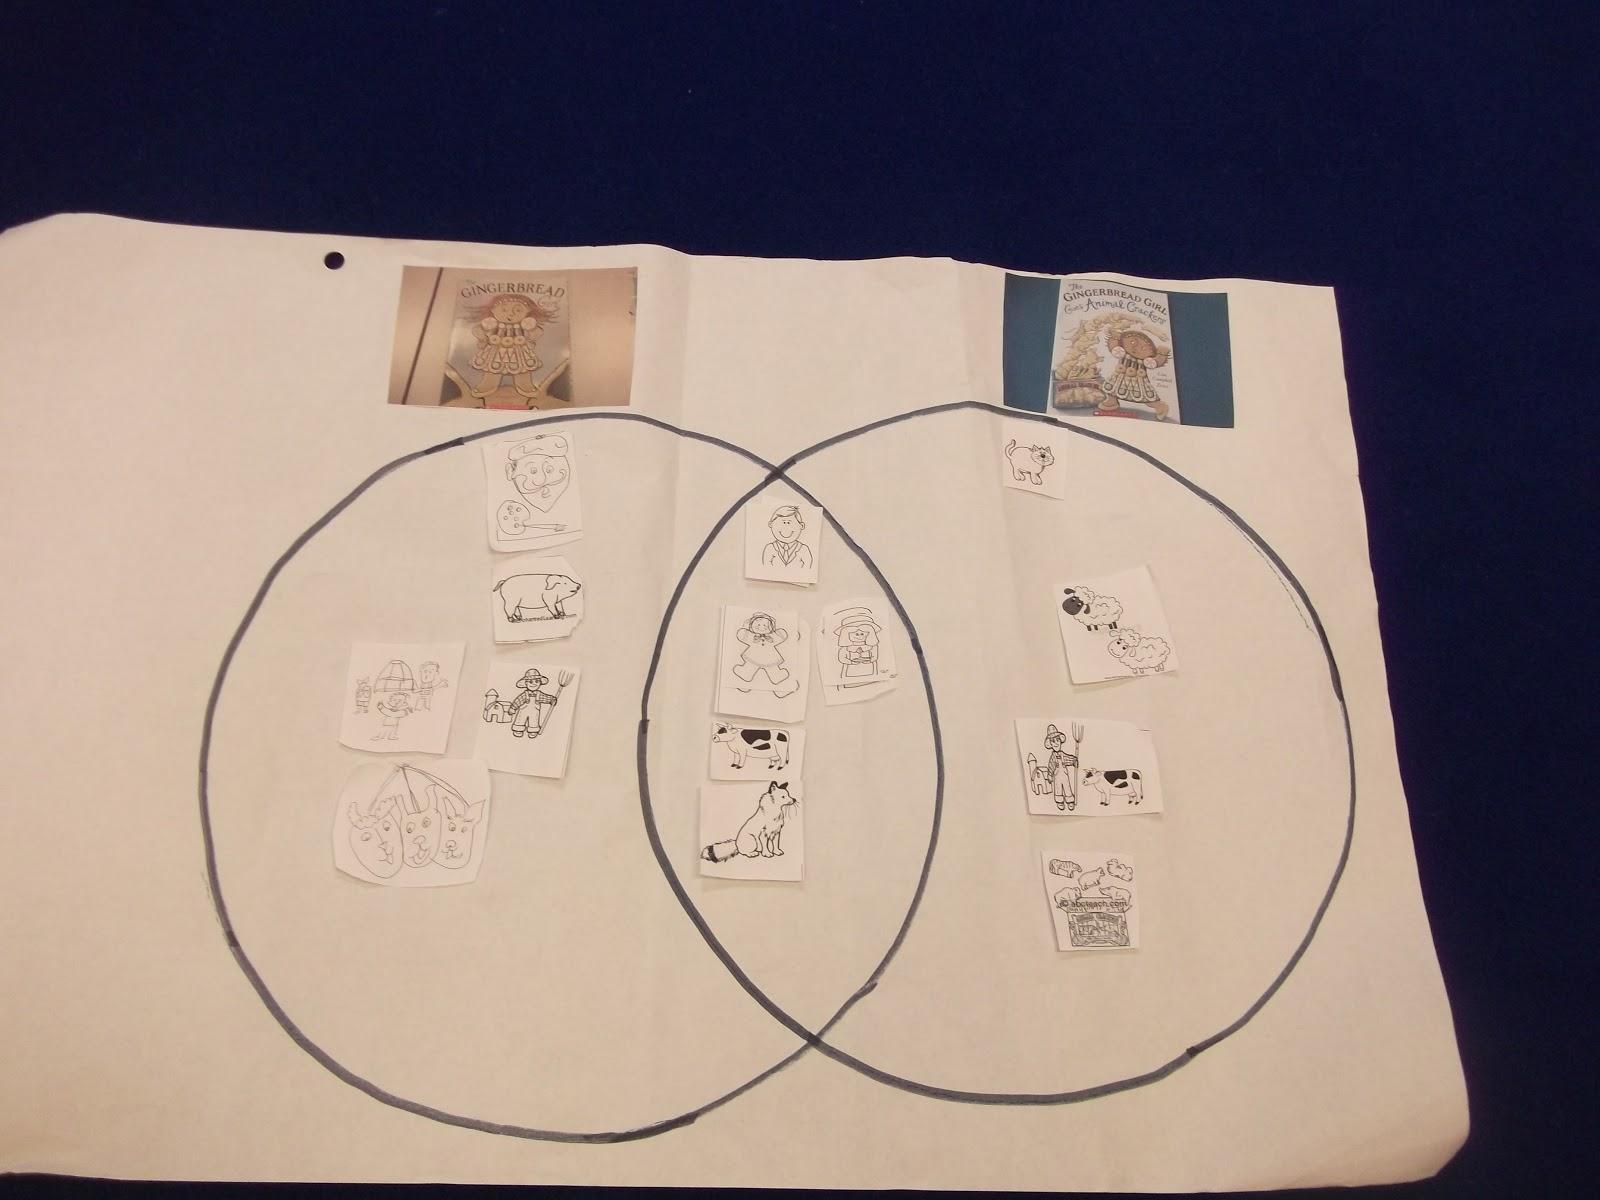 gingerbread venn diagram chain template mrs dumville 39s kindergarten blog unit week 3